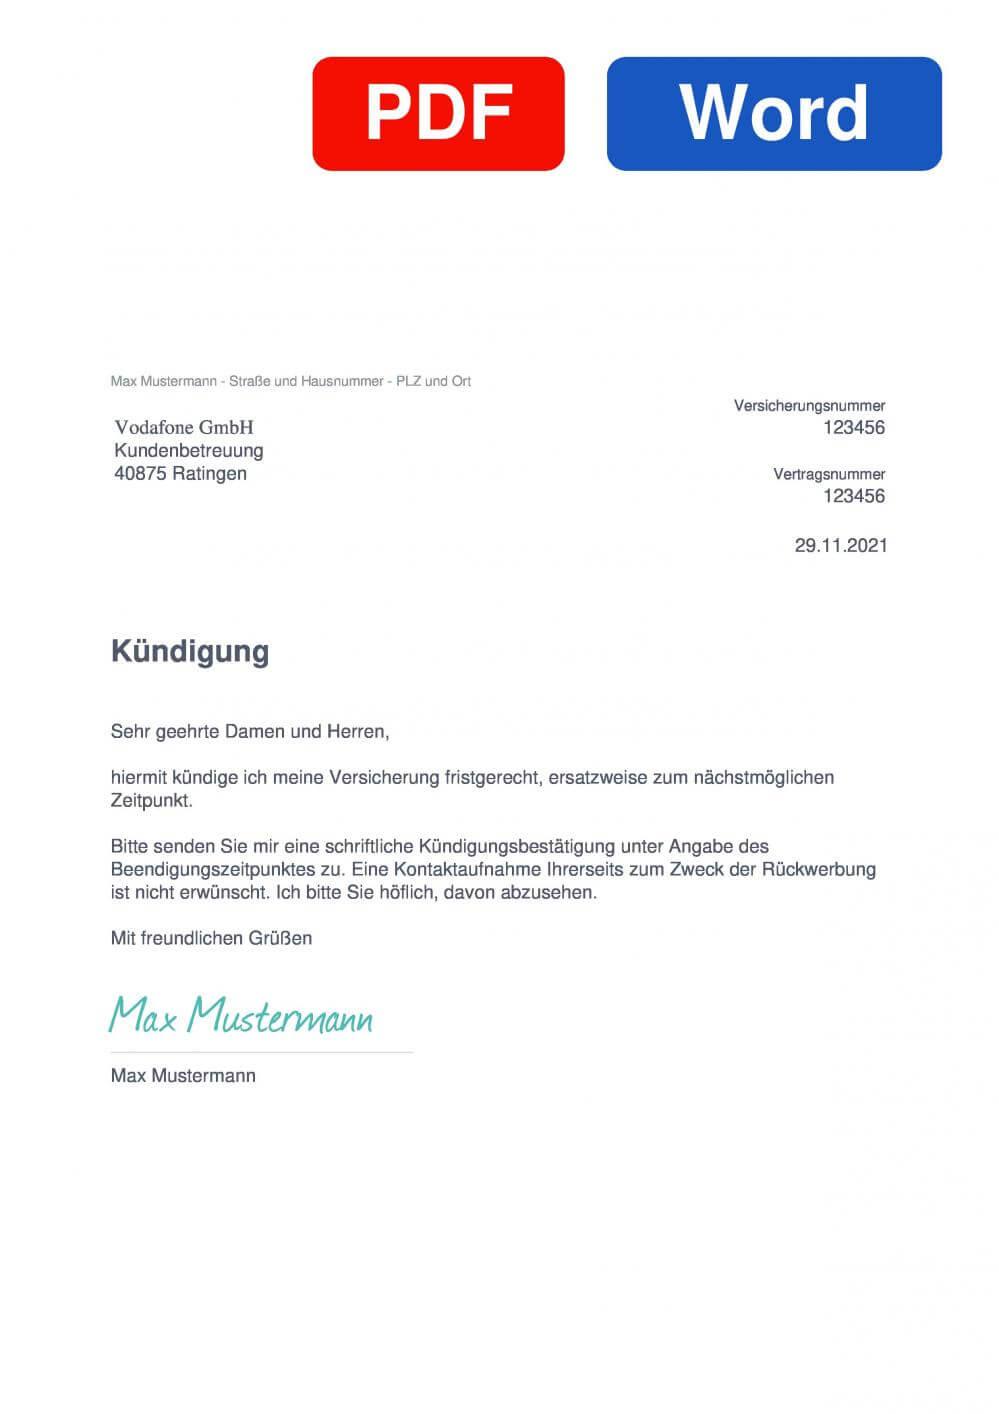 Vodafone Handyversicherung Muster Vorlage für Kündigungsschreiben